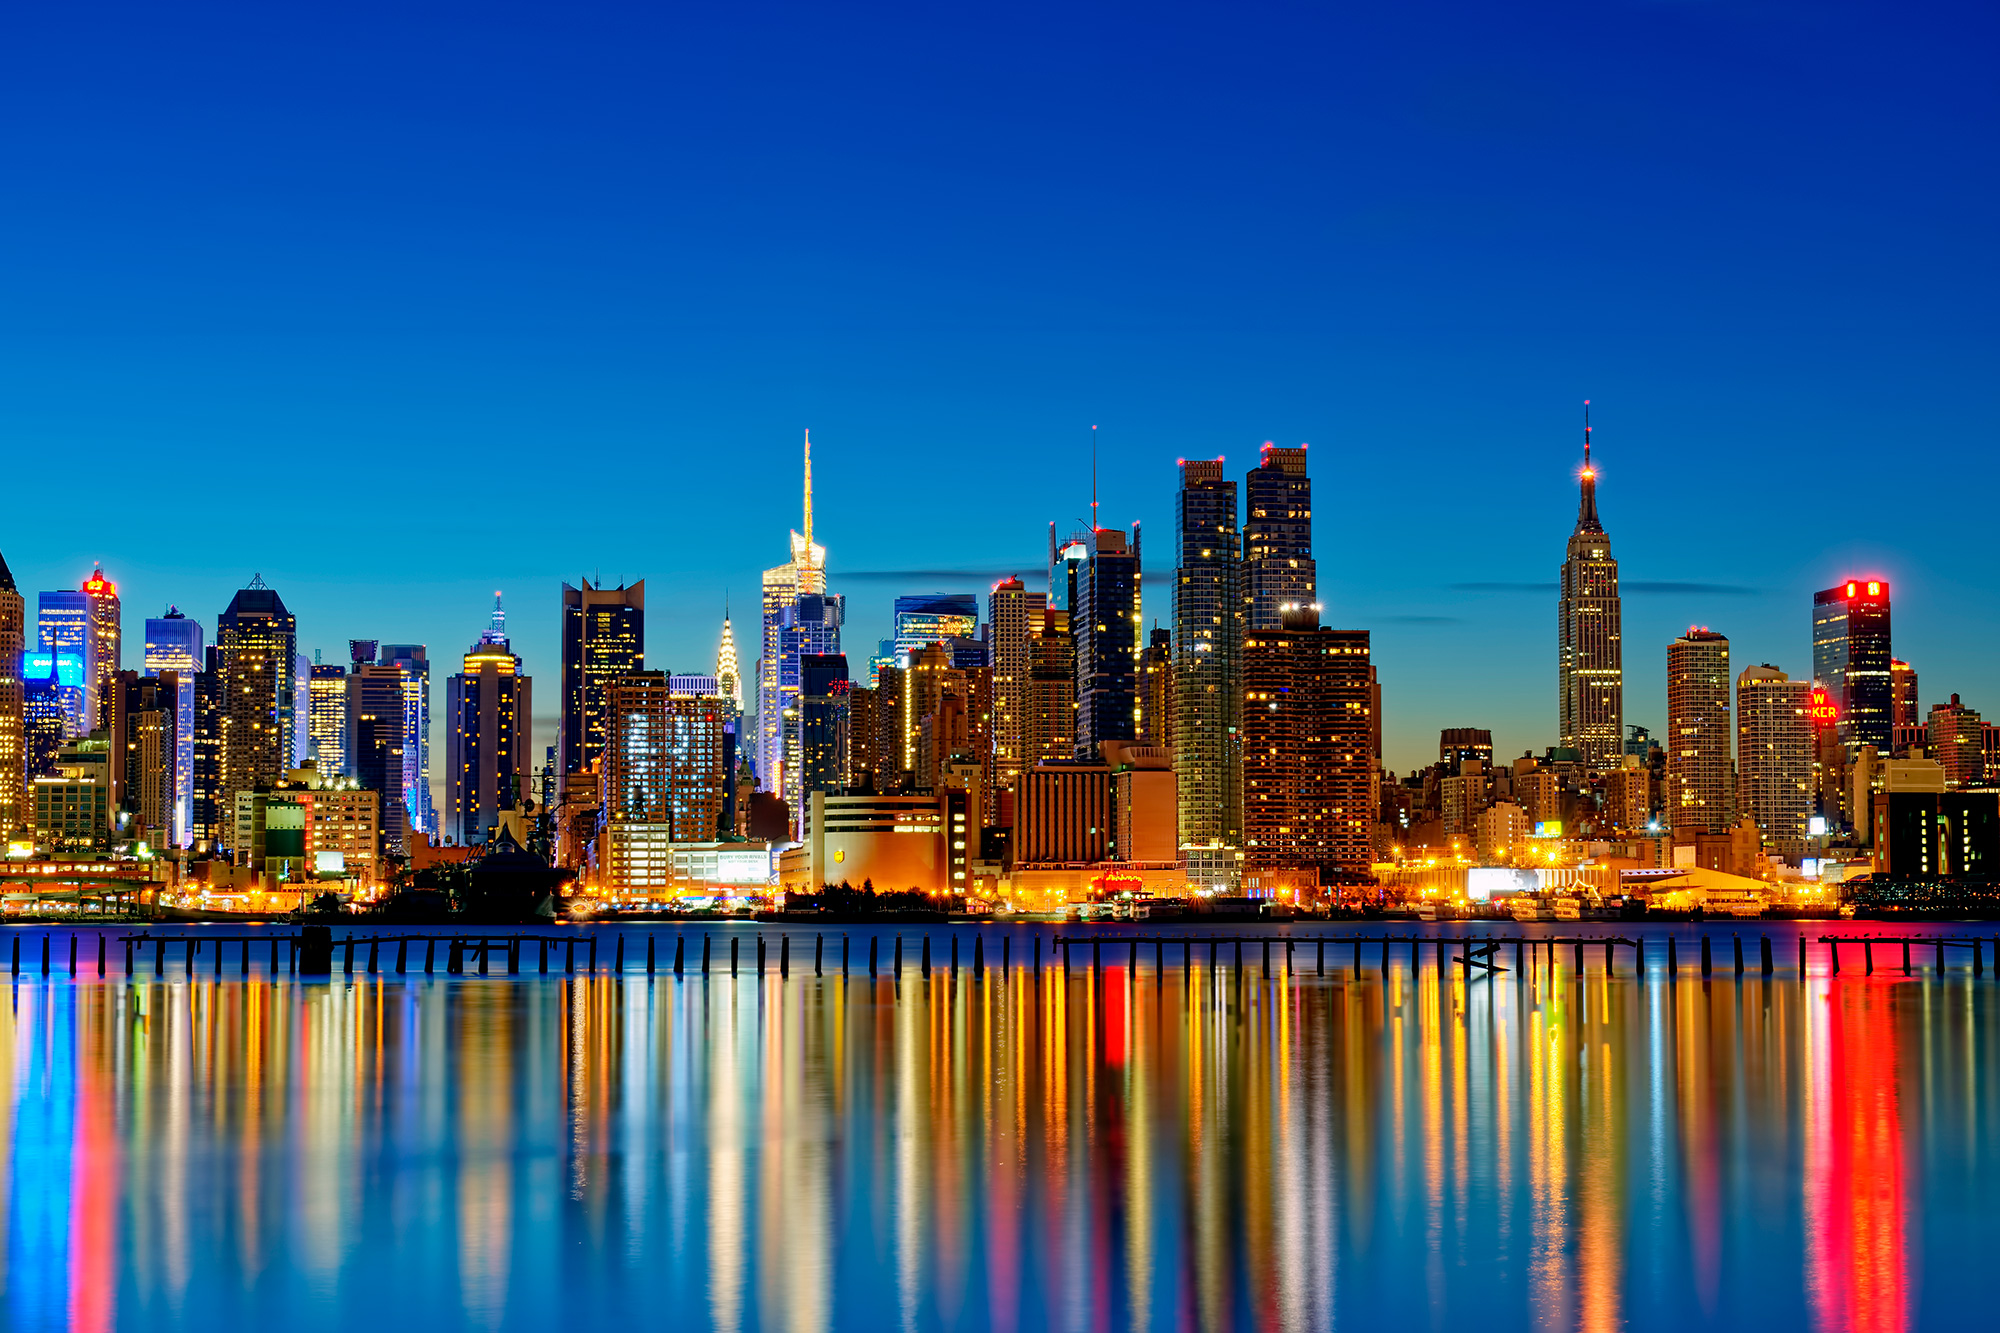 New york photo